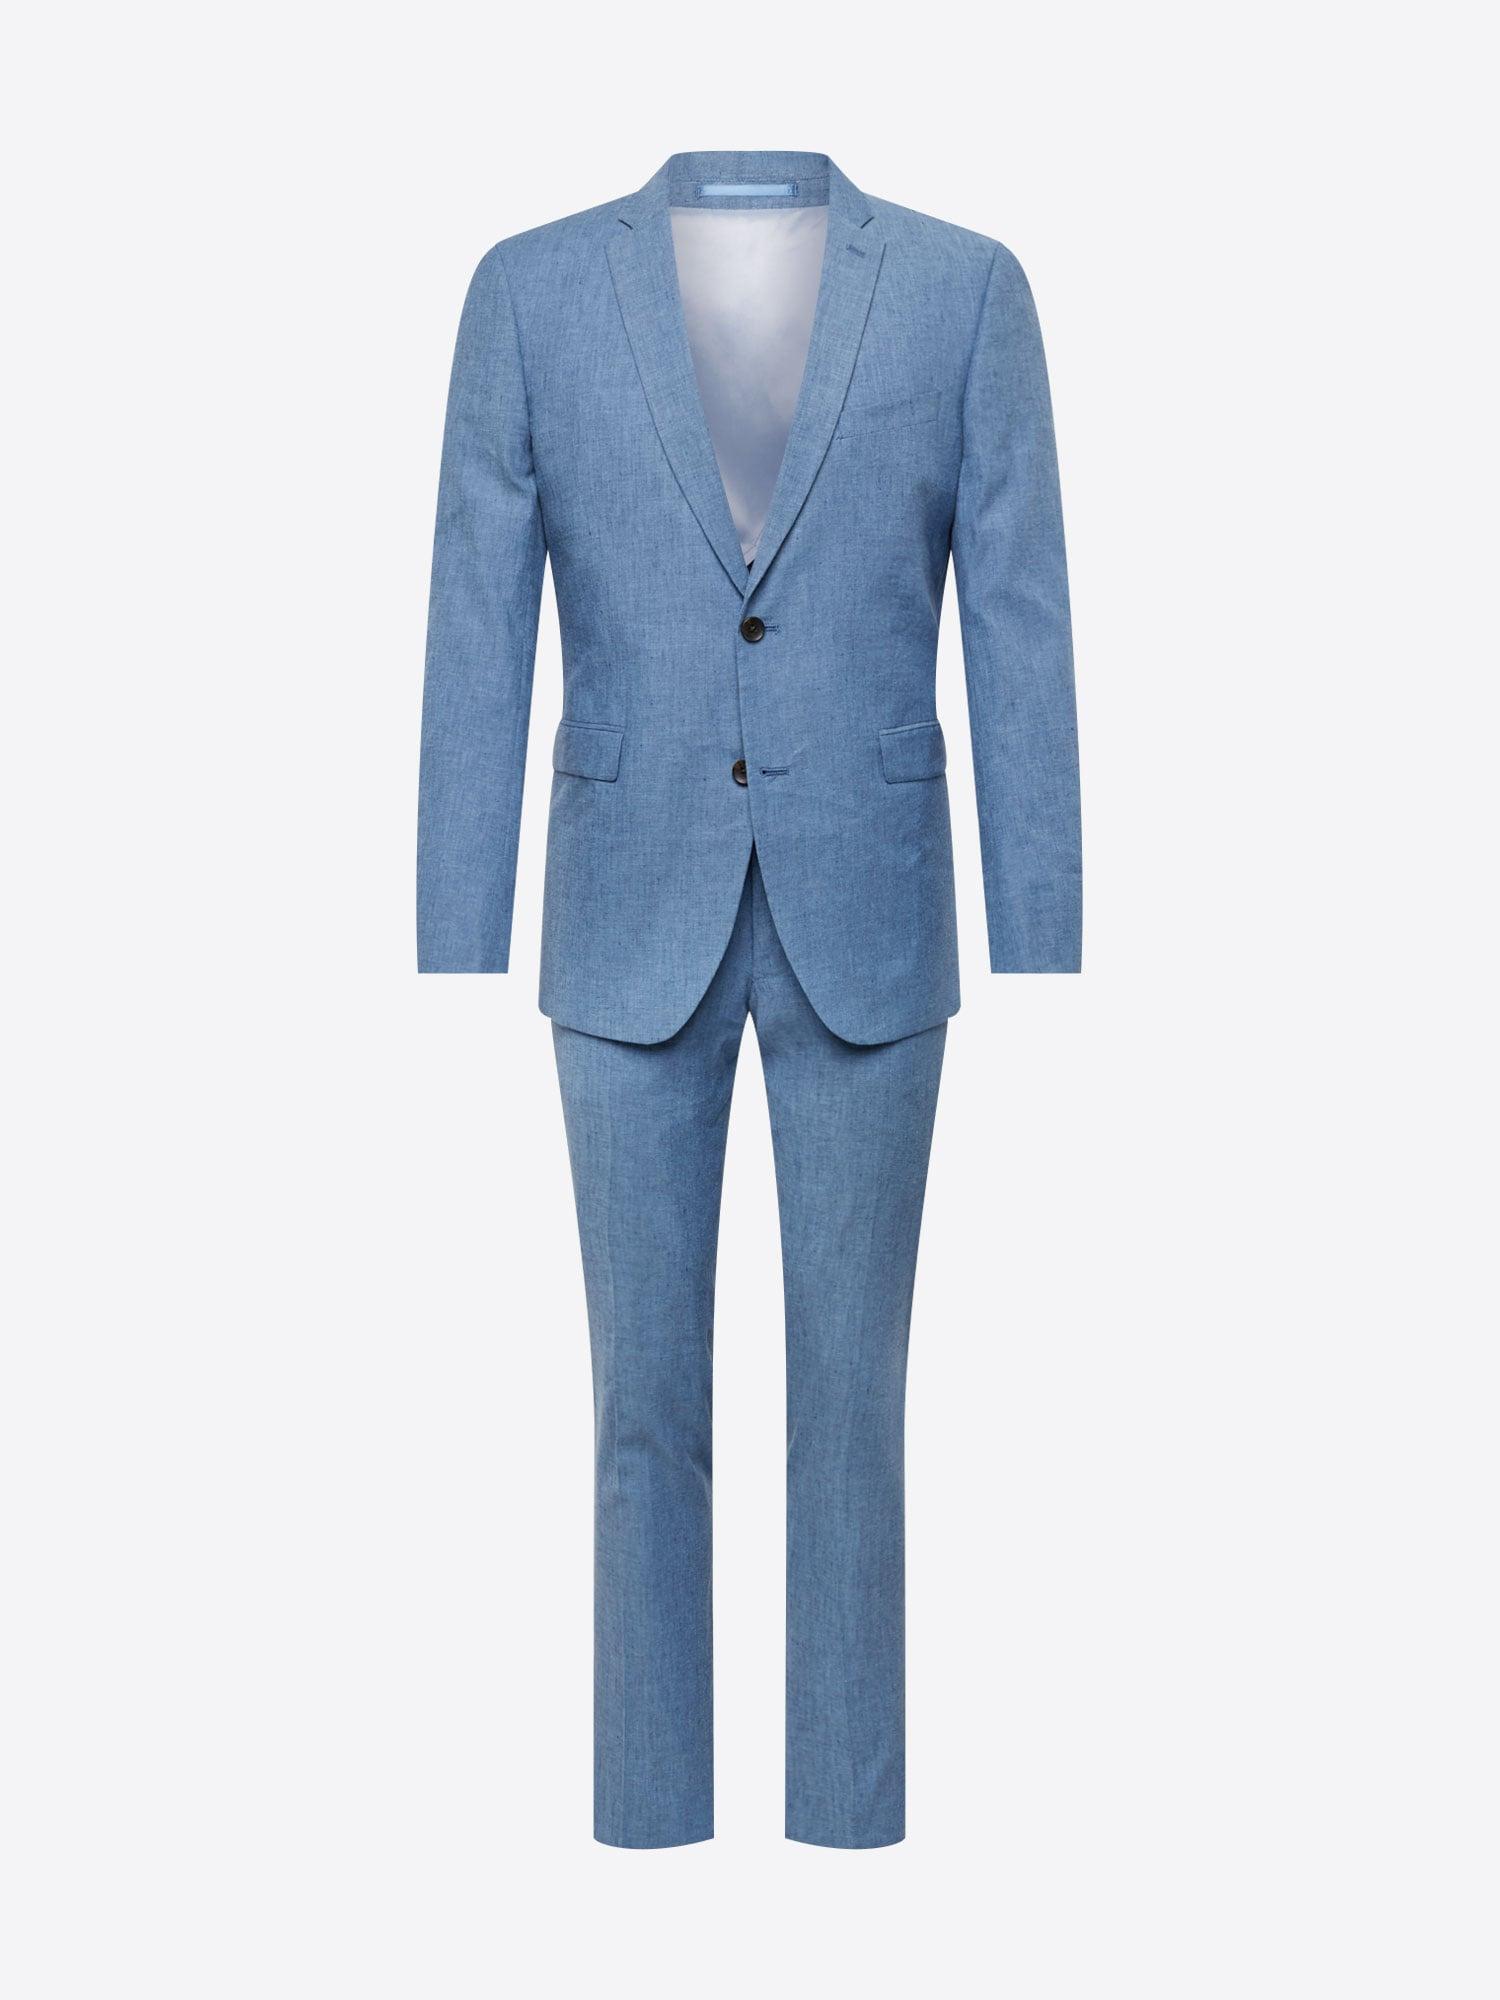 Esprit Collection, Herren Pak Délavé, hemelsblauw